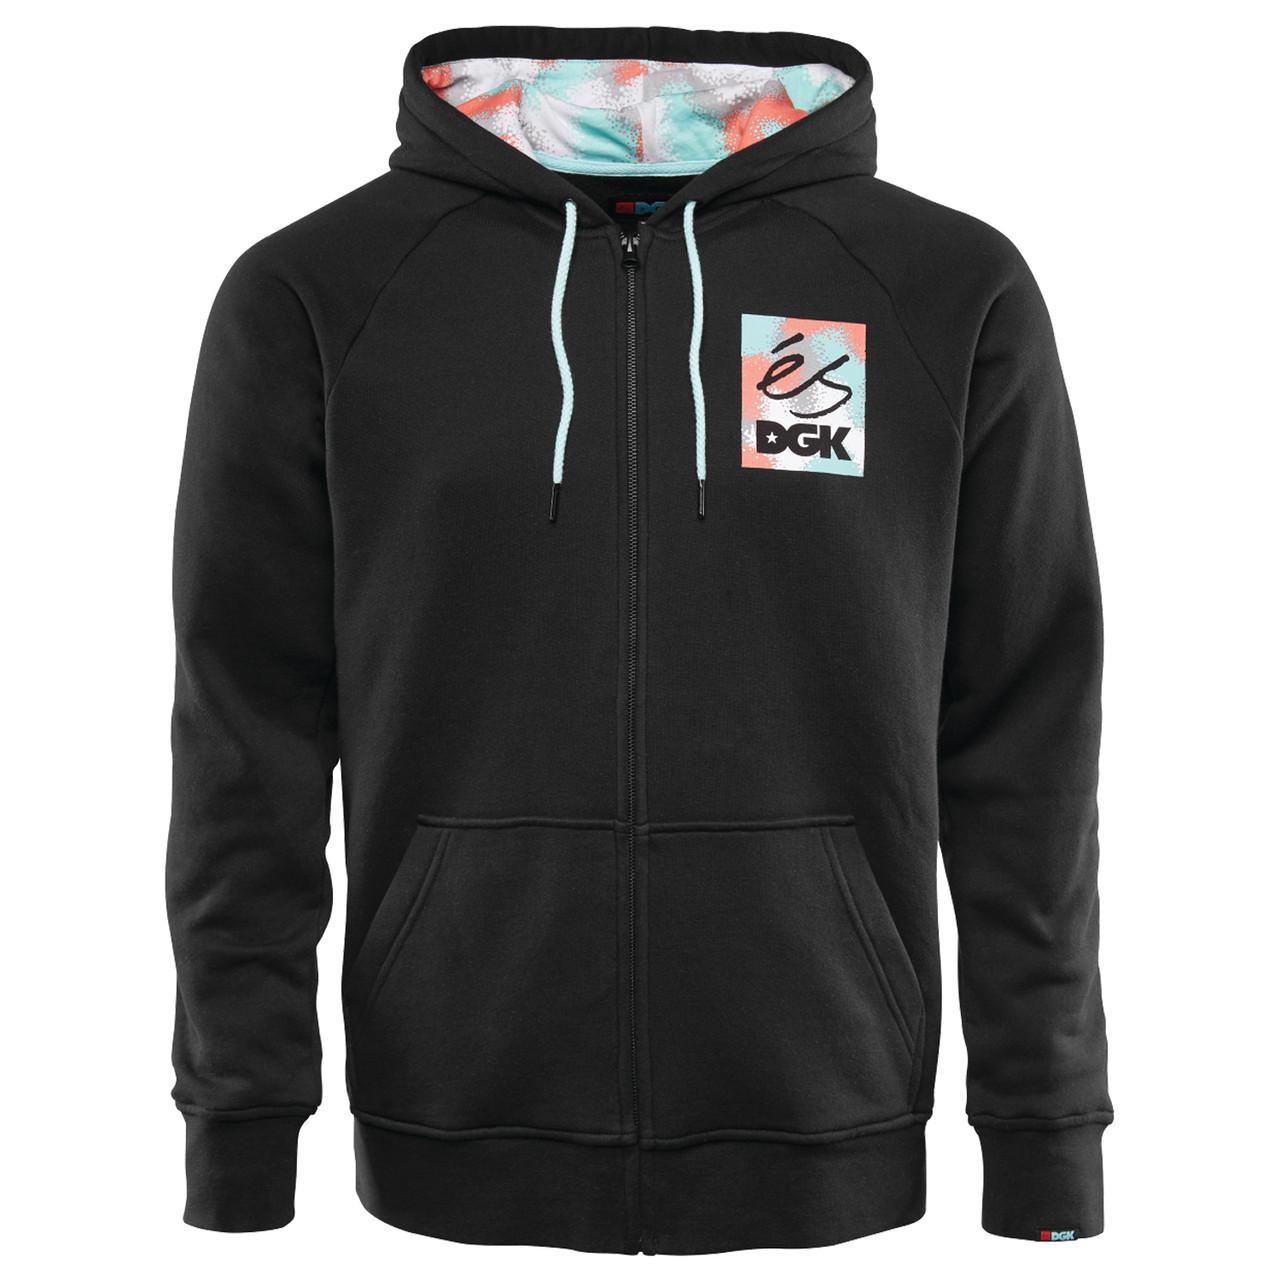 ES Skateboard Shoes Sweatshirt Hoodie DGK Black Zip